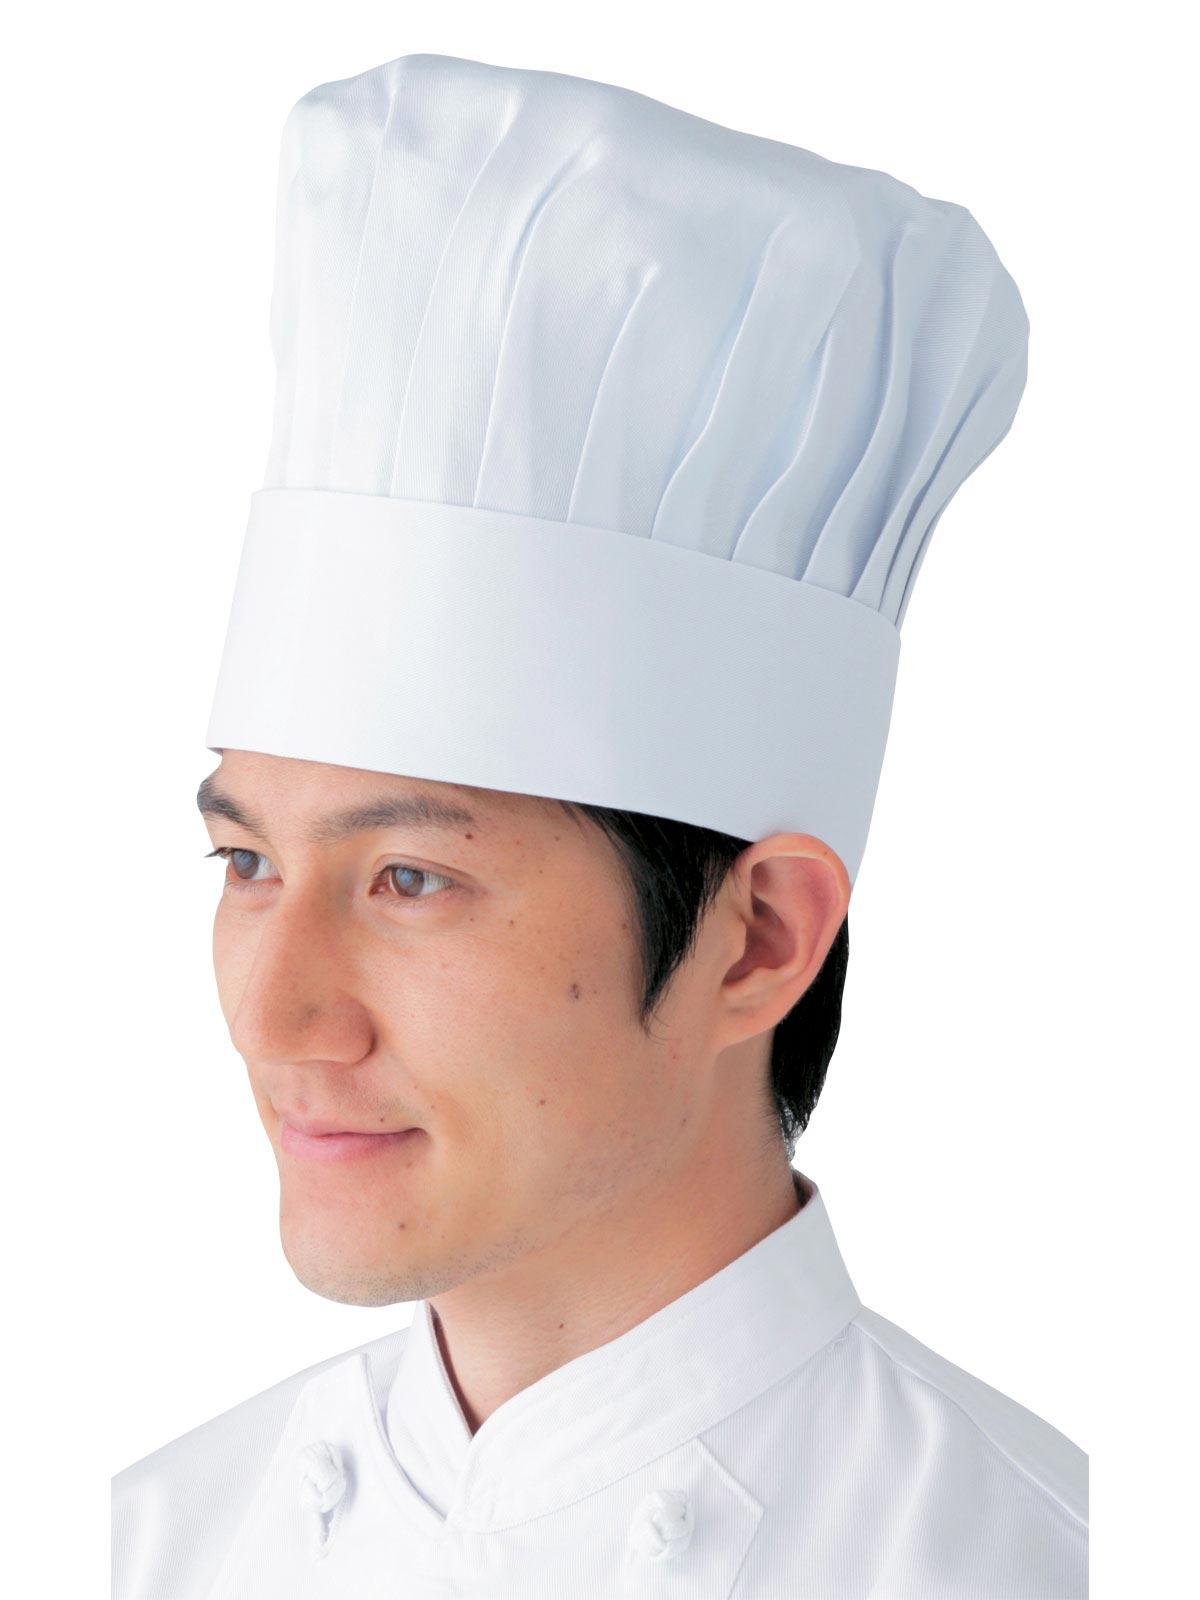 ベーカリー帽子 SK16